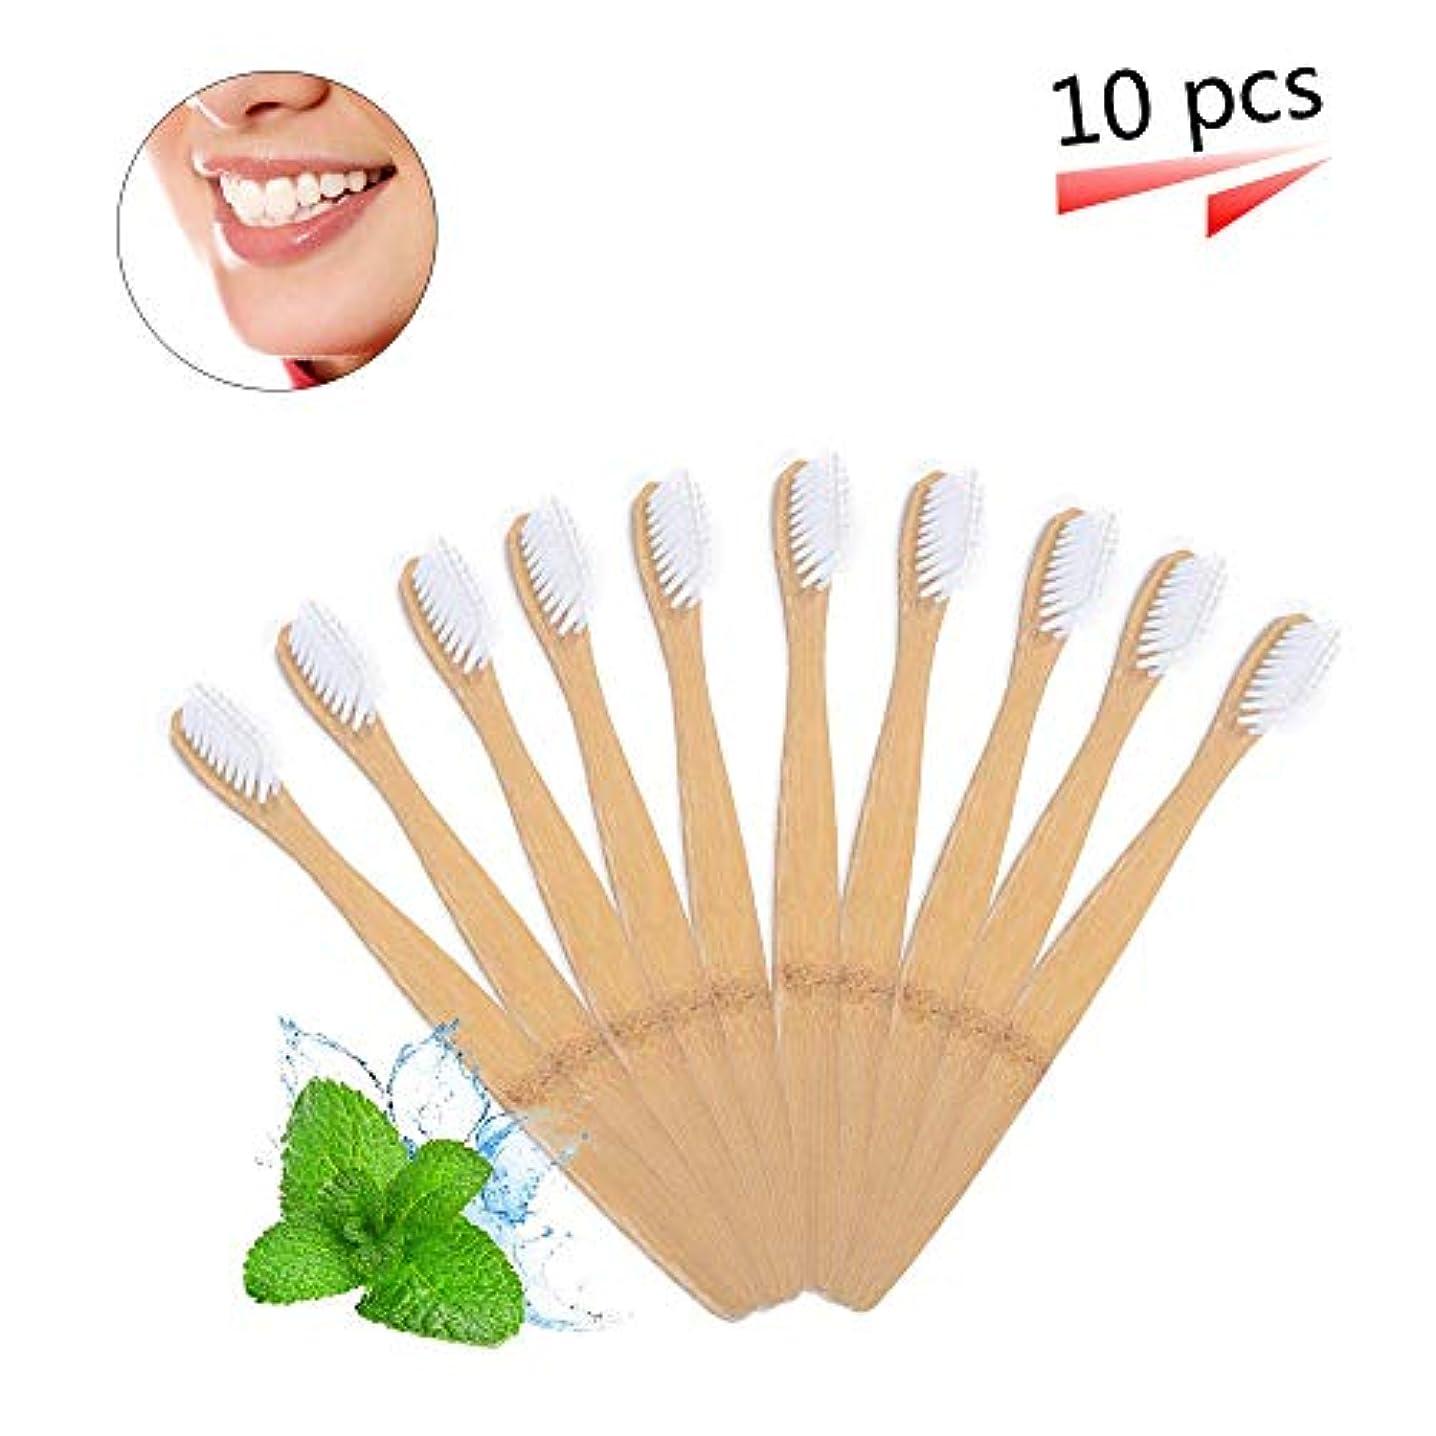 対抗図書館割り込み竹の歯ブラシ 分解性 環境保護の歯ブラシ 天然の柔らかいブラシ ホワイト 10本